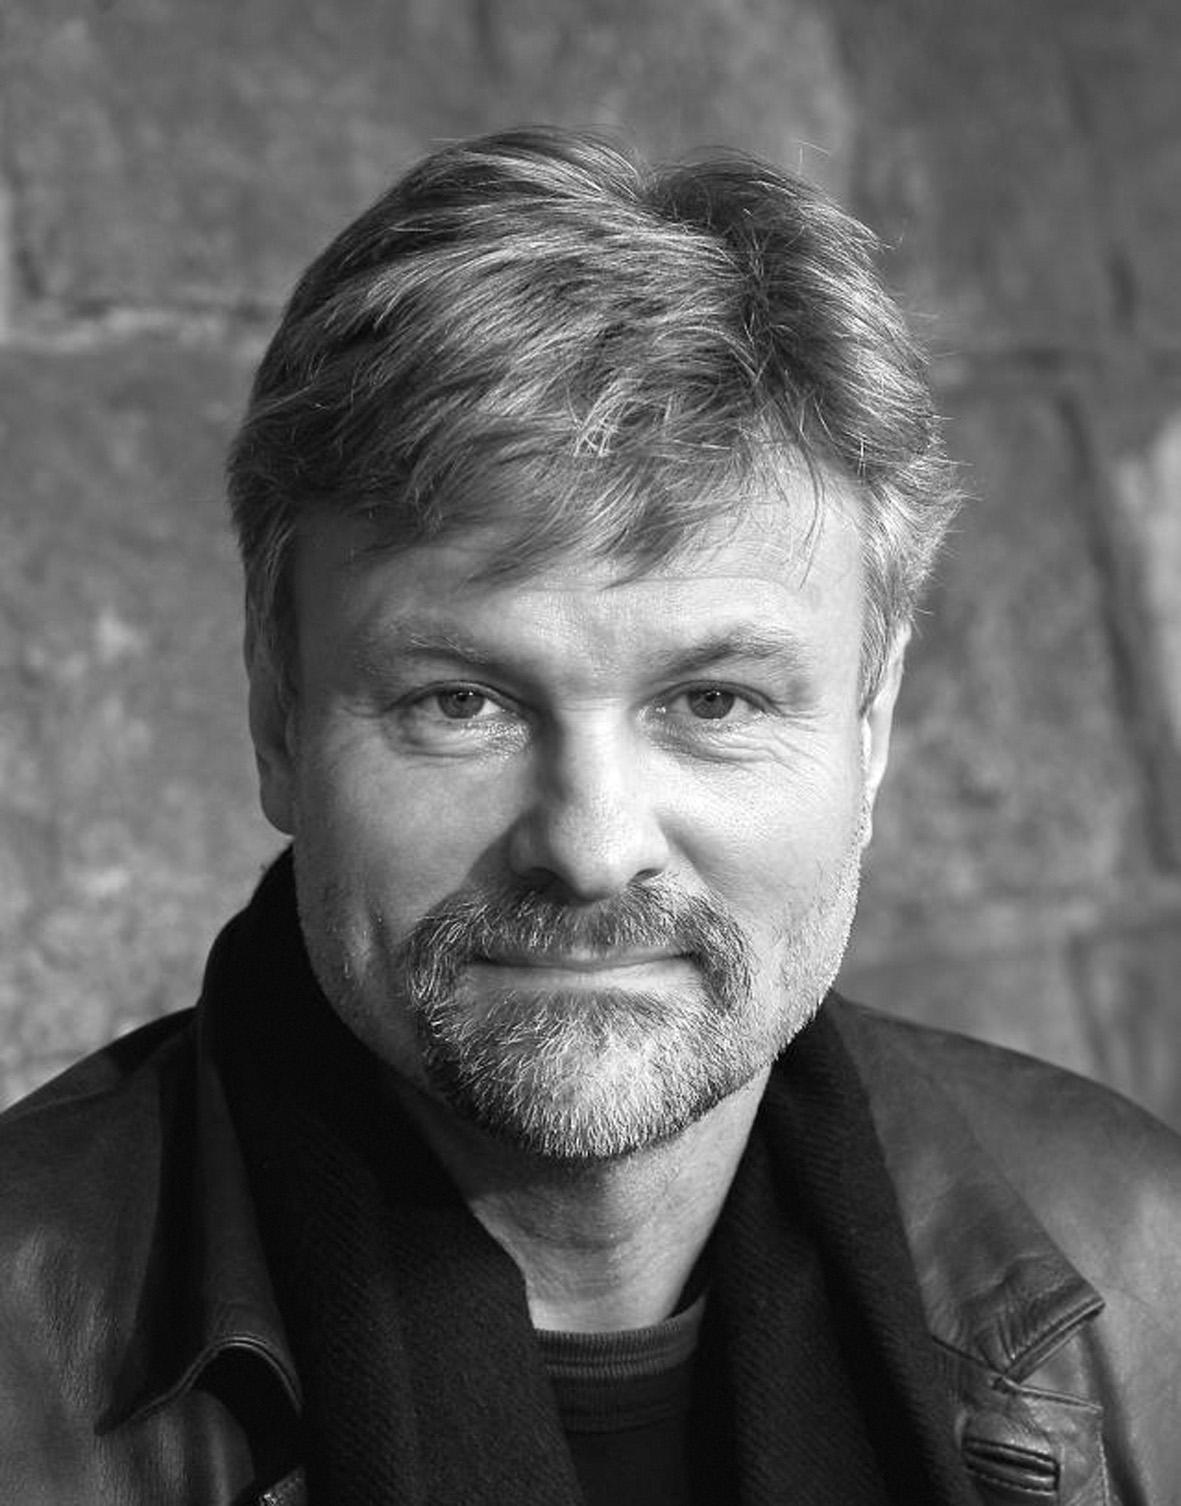 Michael Zeuske